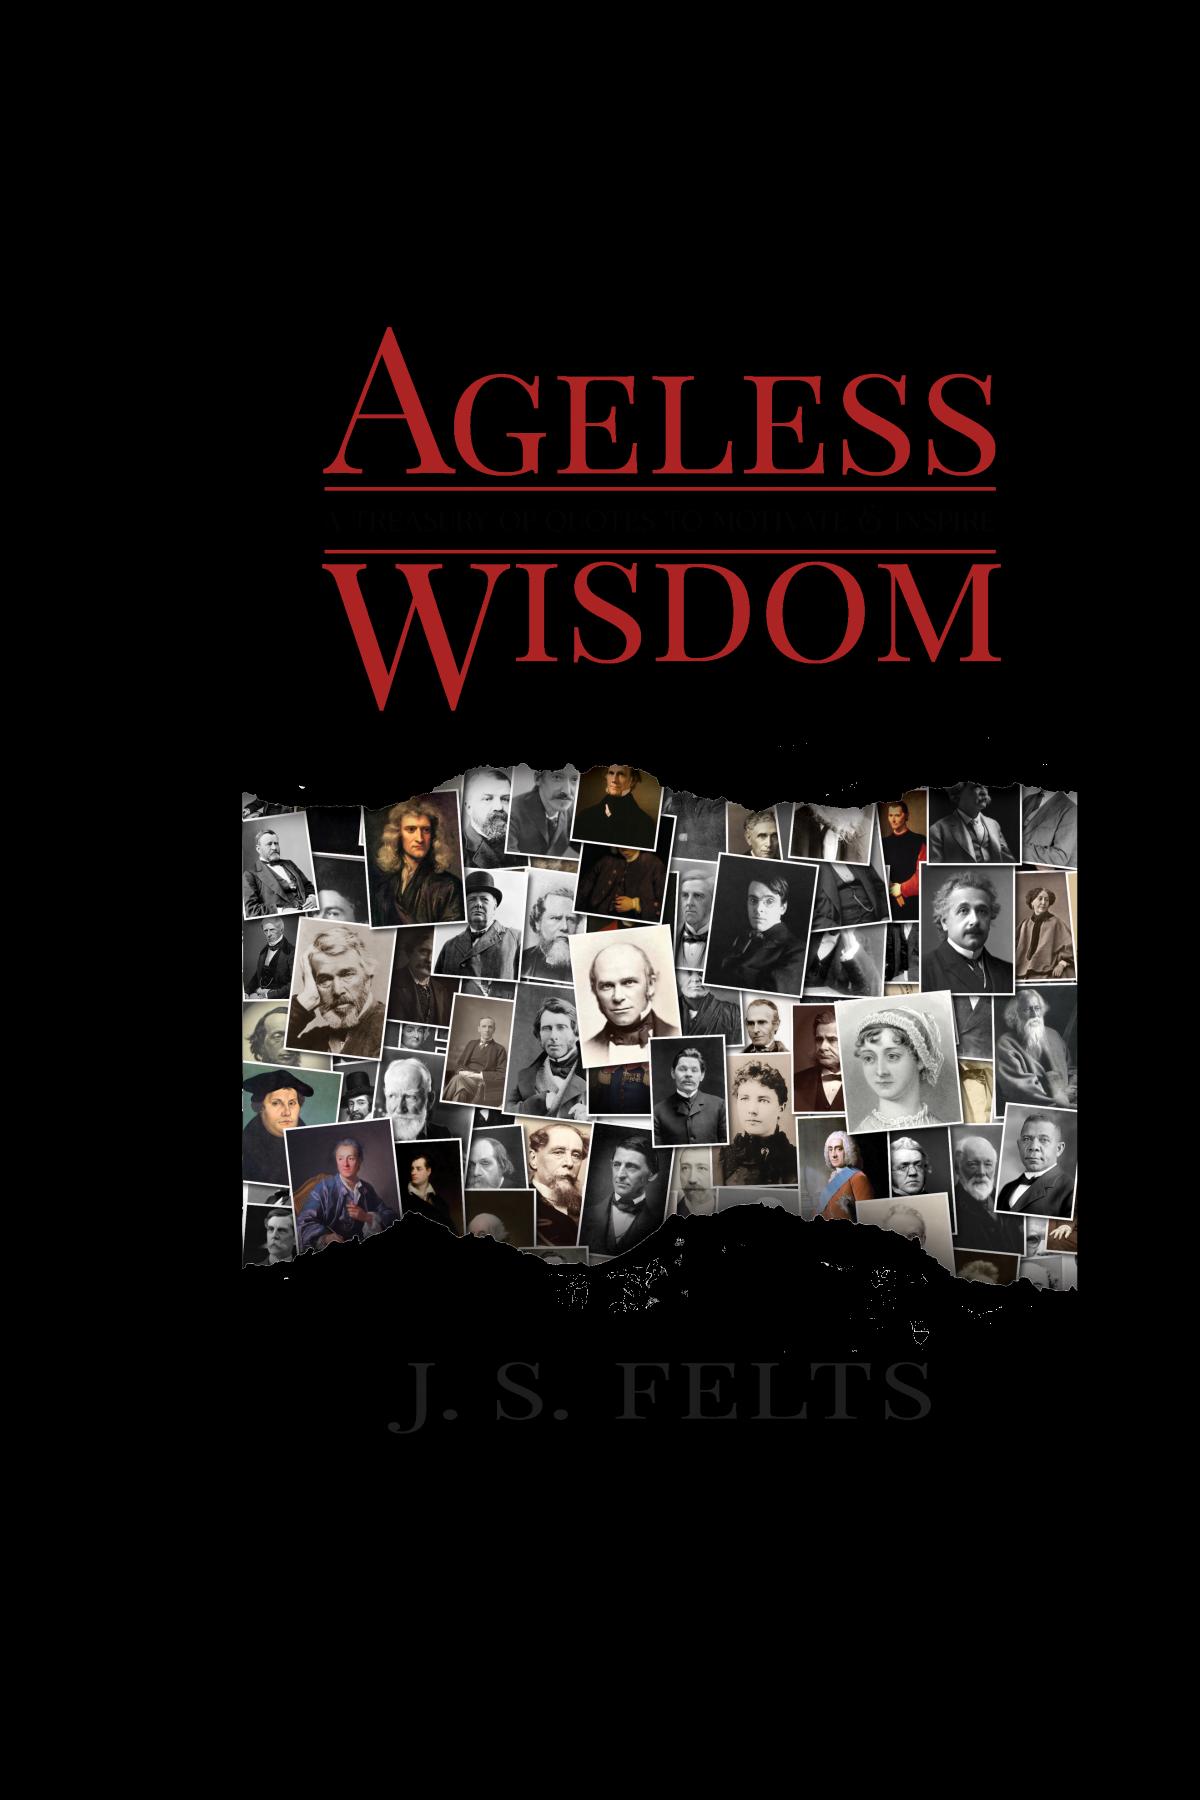 Ageless Wisdom